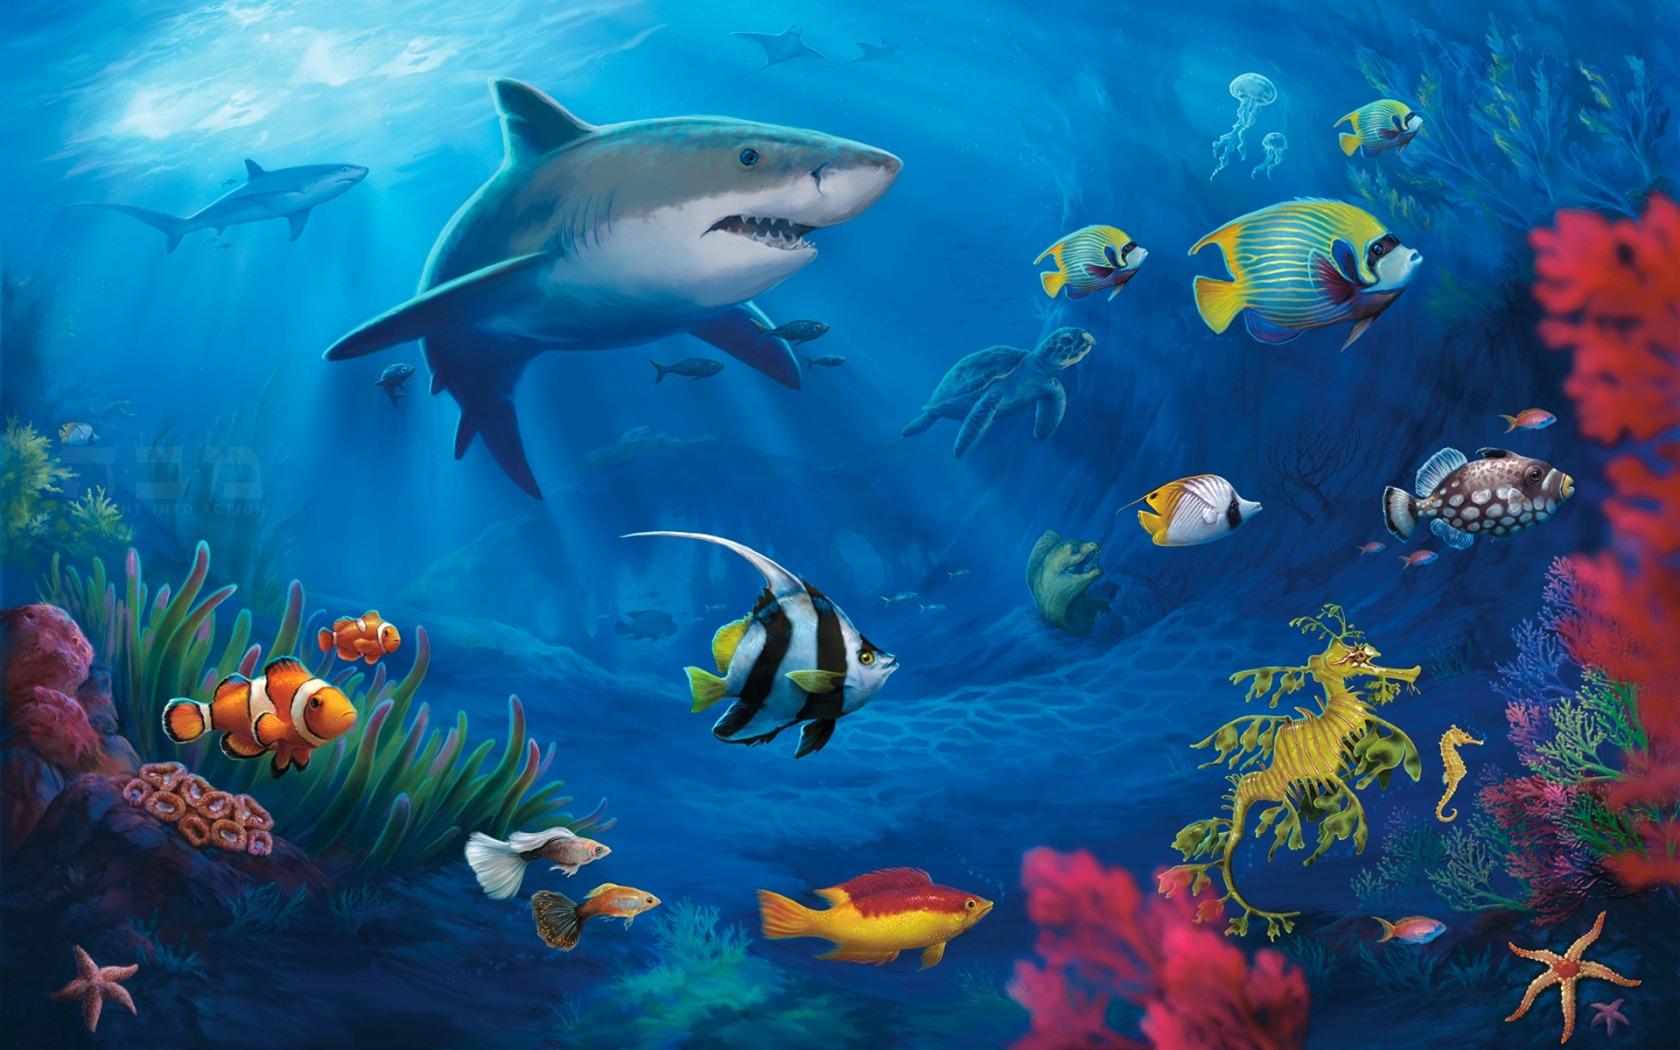 также картинки с рыбами в хорошем качестве этом нет